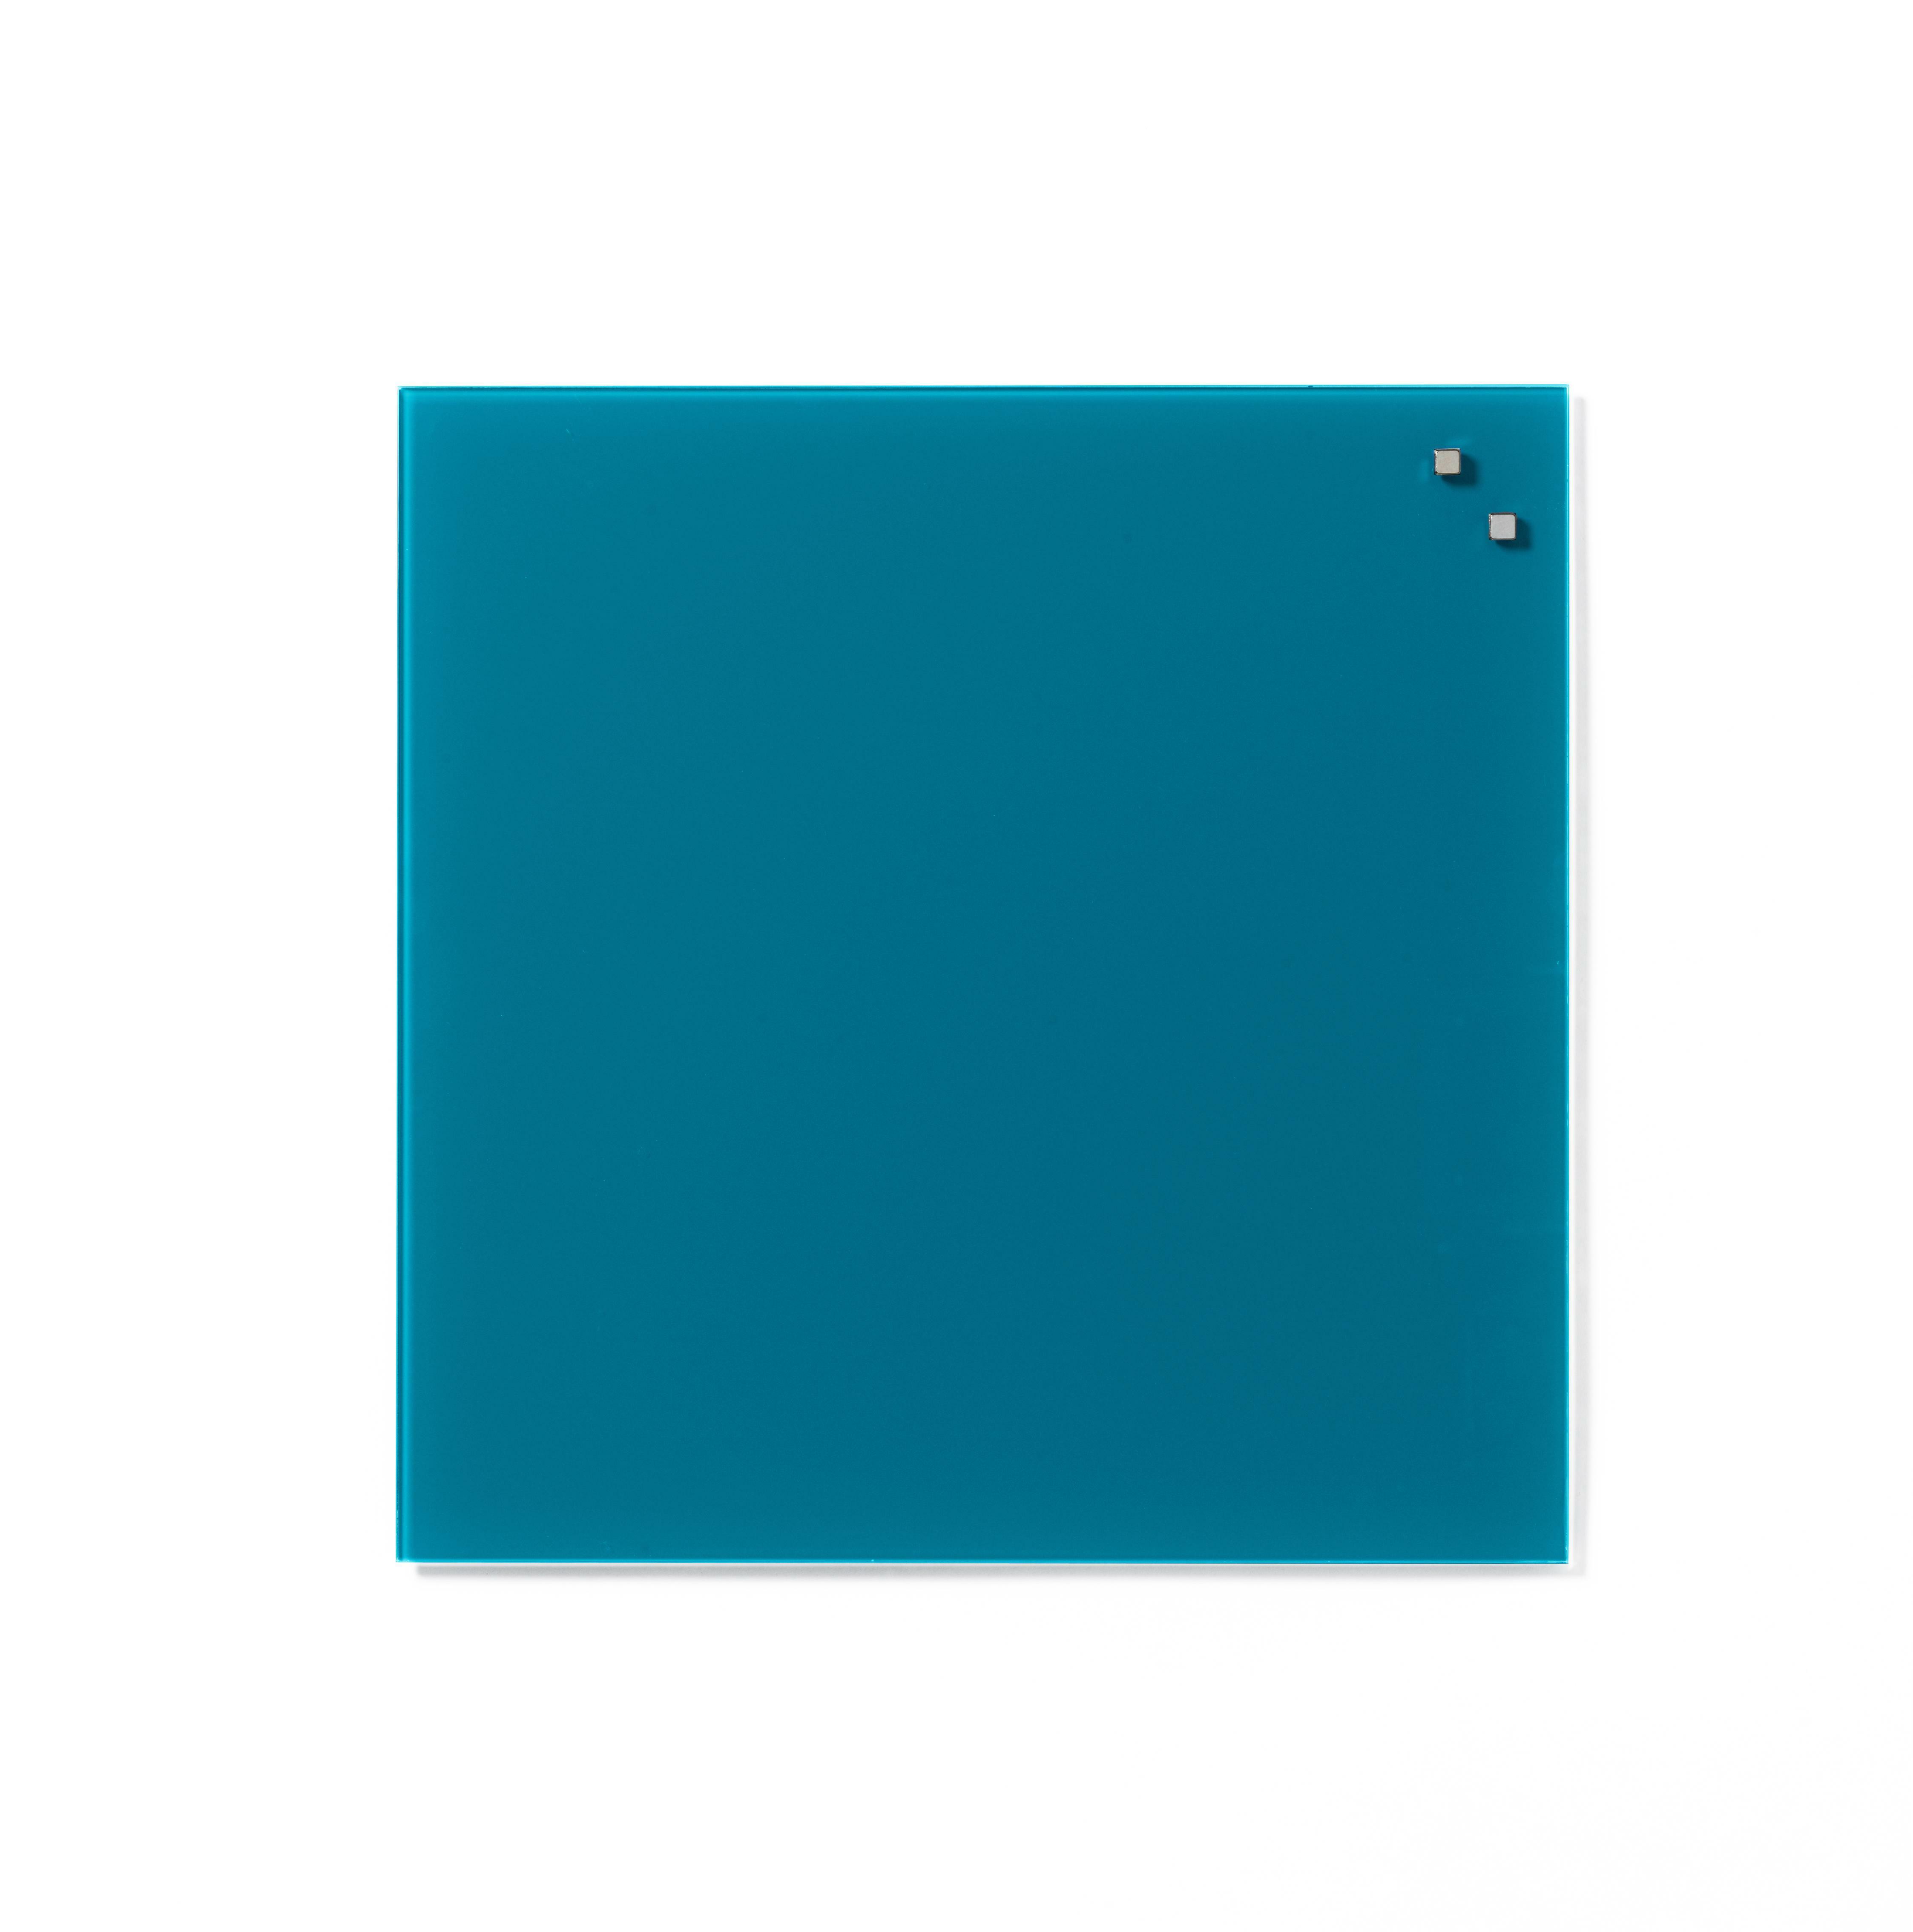 Tabule magnetické skleněné - 45 x 45 cm / modro - zelená